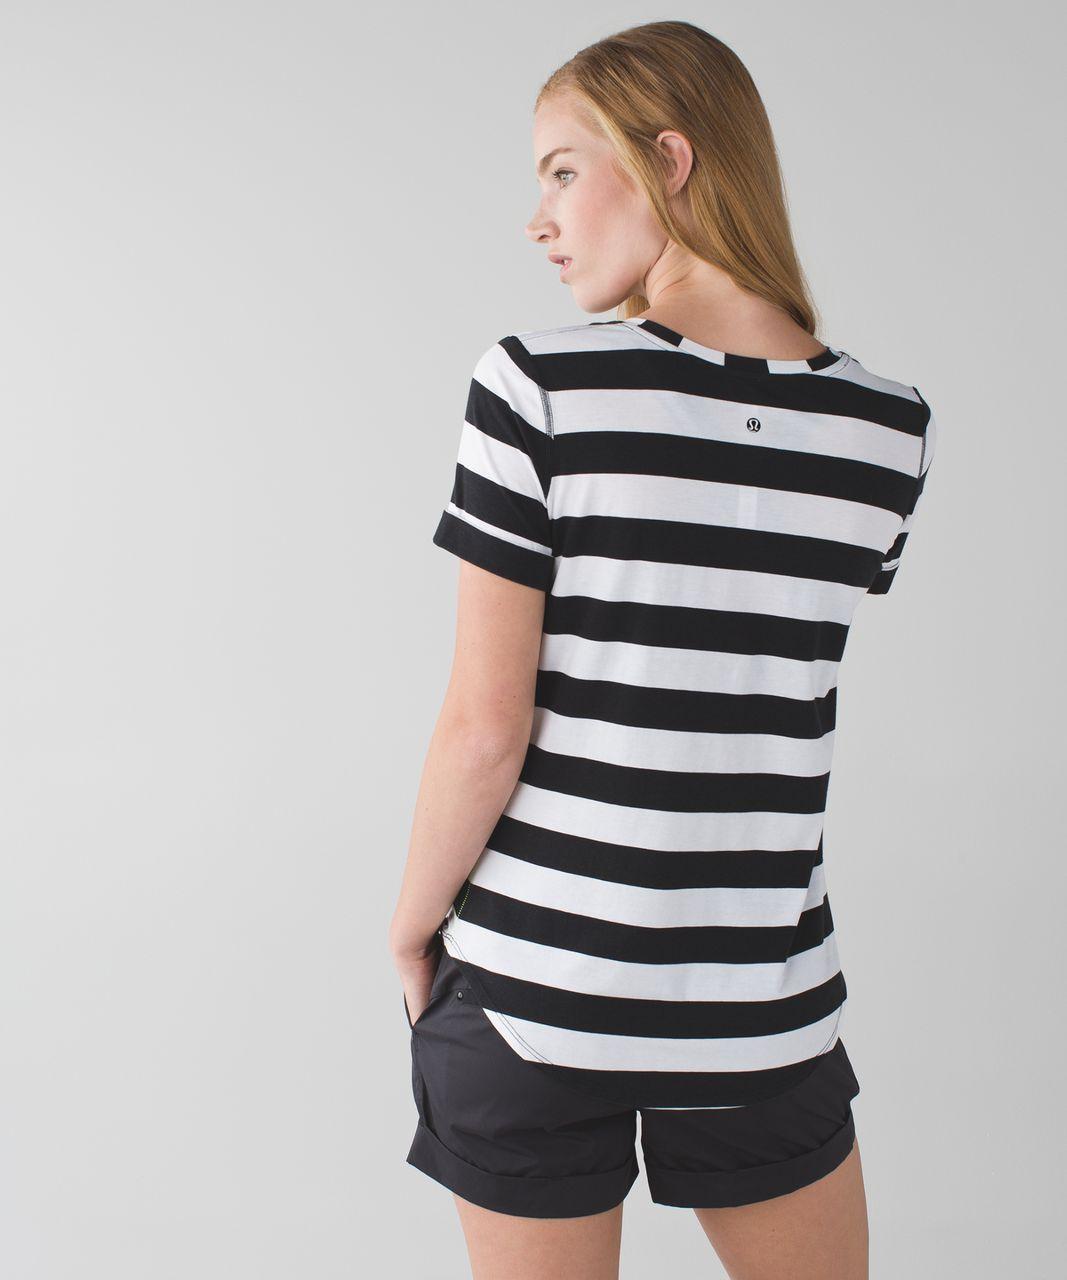 Lululemon Love Tee II - Straightup Stripe Black White